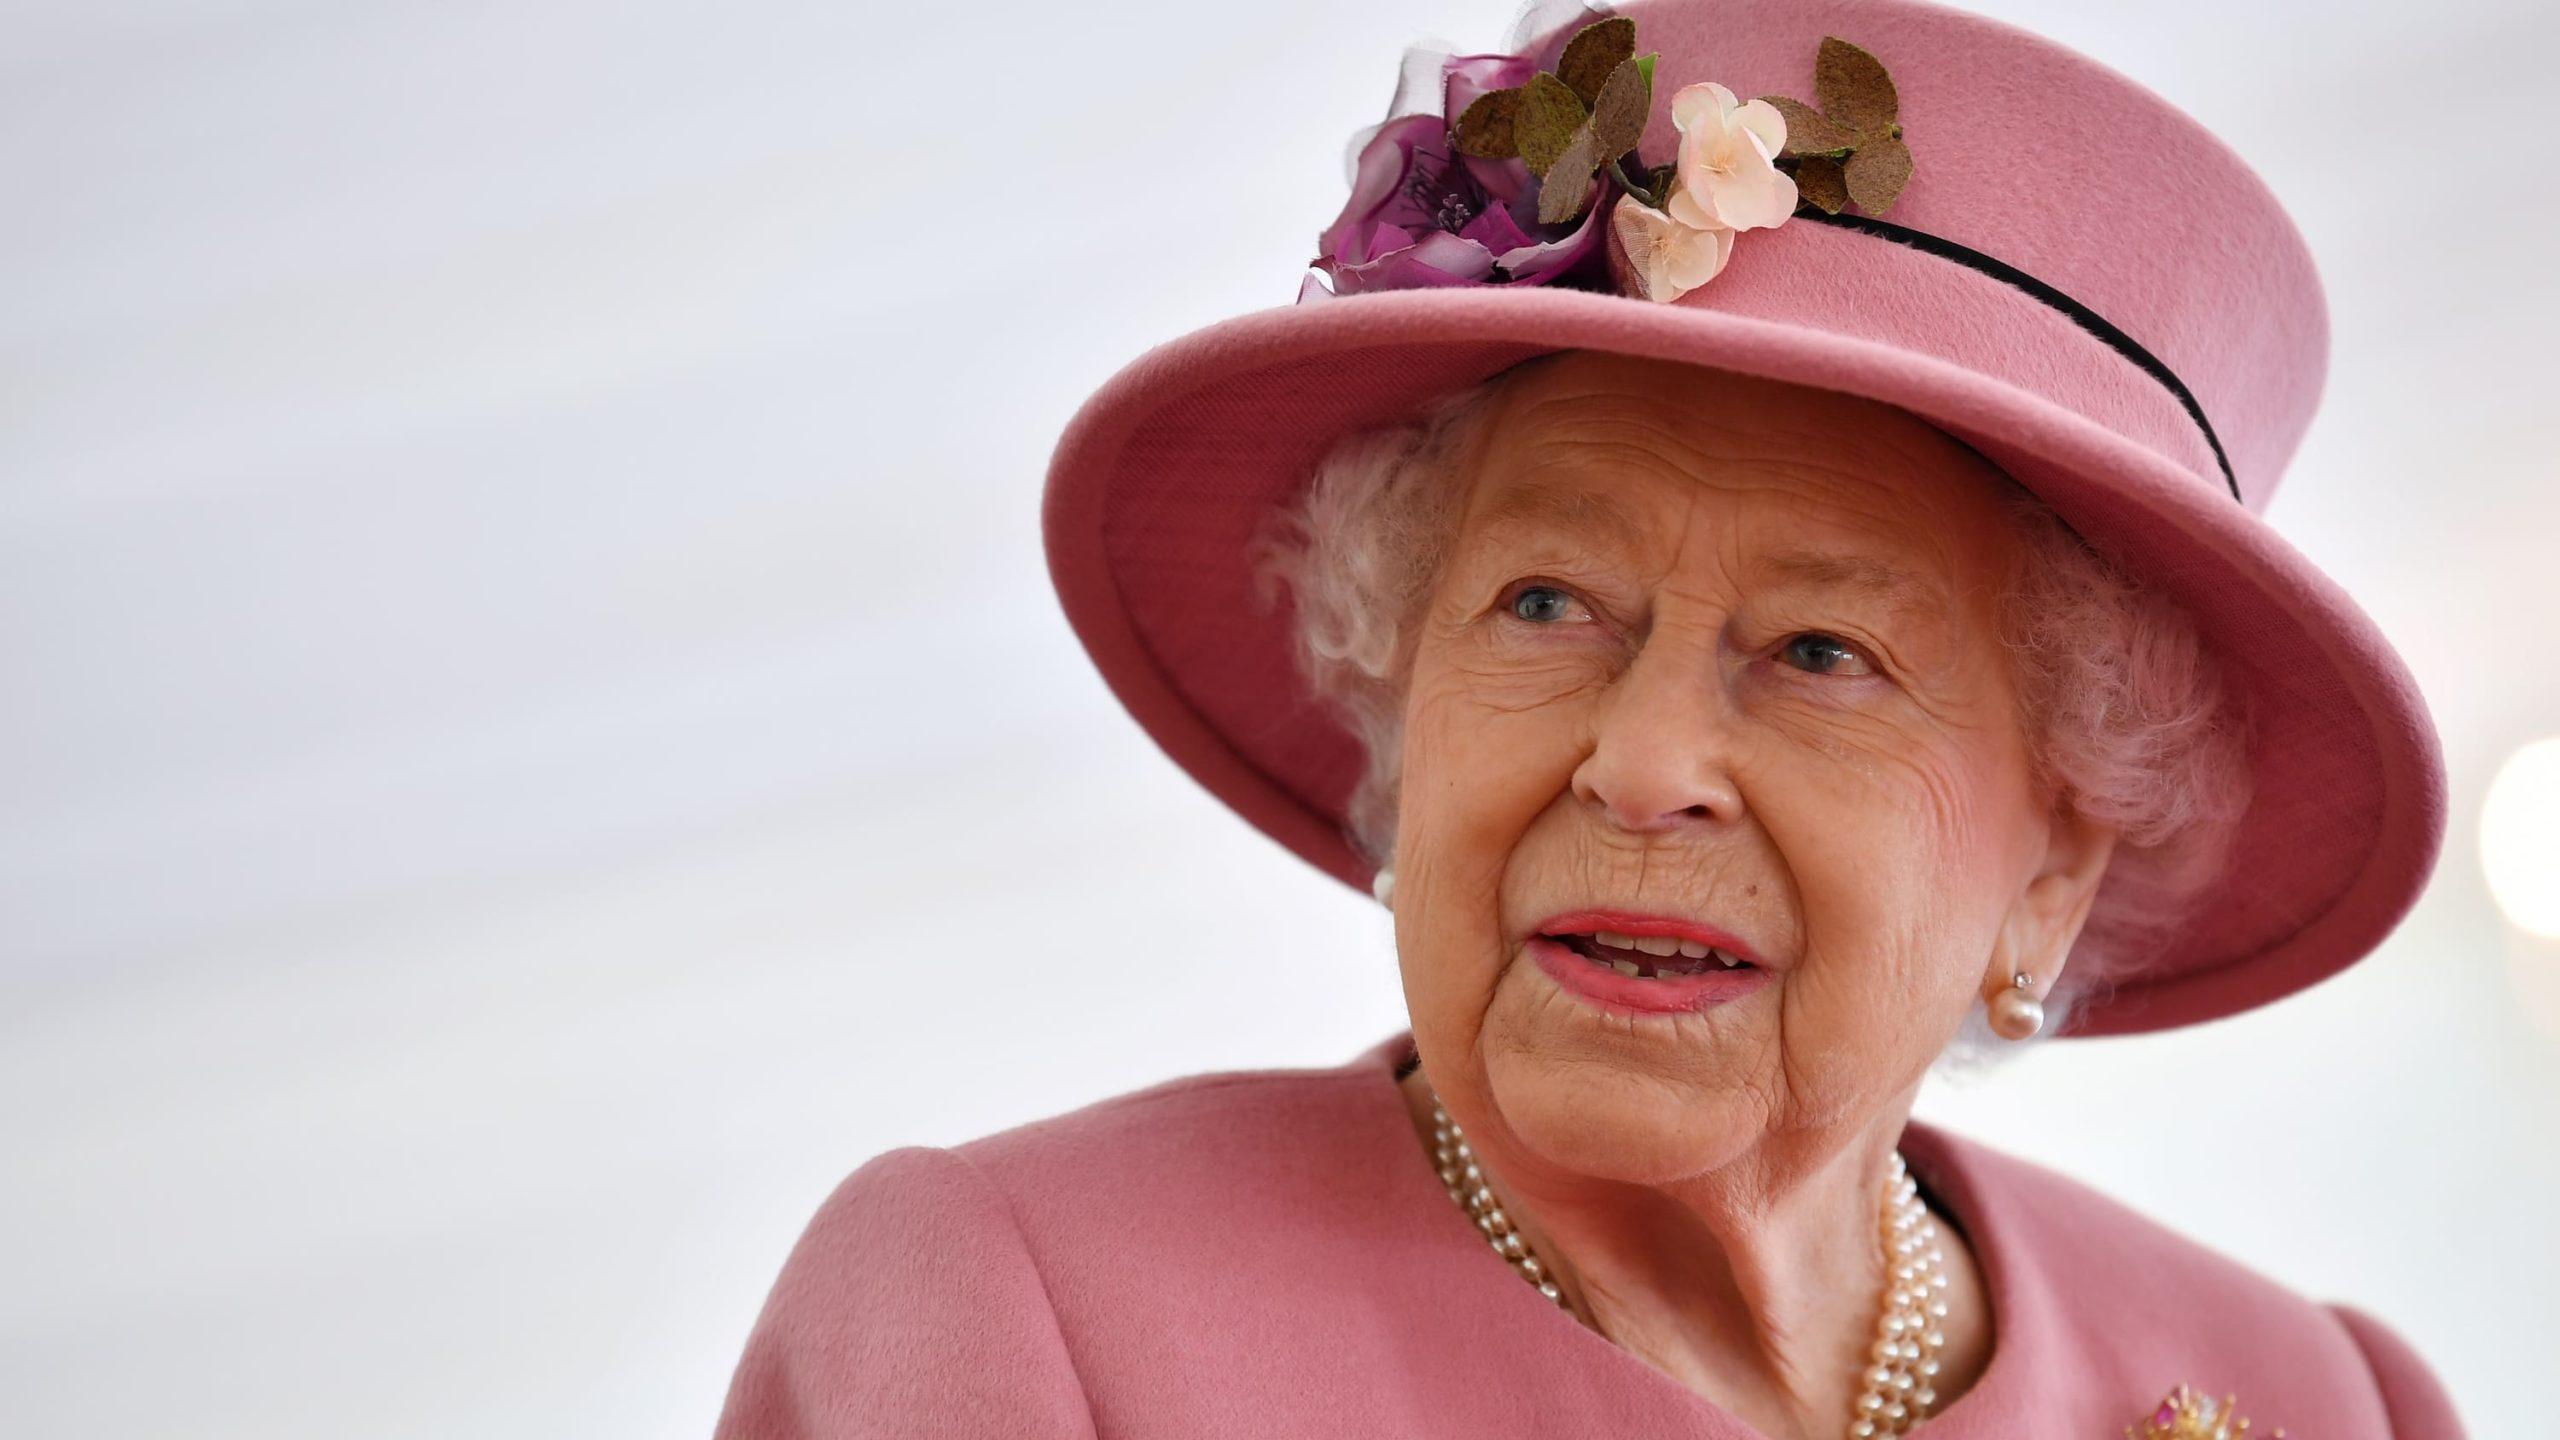 الملكة إليزابيث في أول نشاط رسمي لها خارج القصر منذ شهور - لكنها لا ترتدي كمامة!